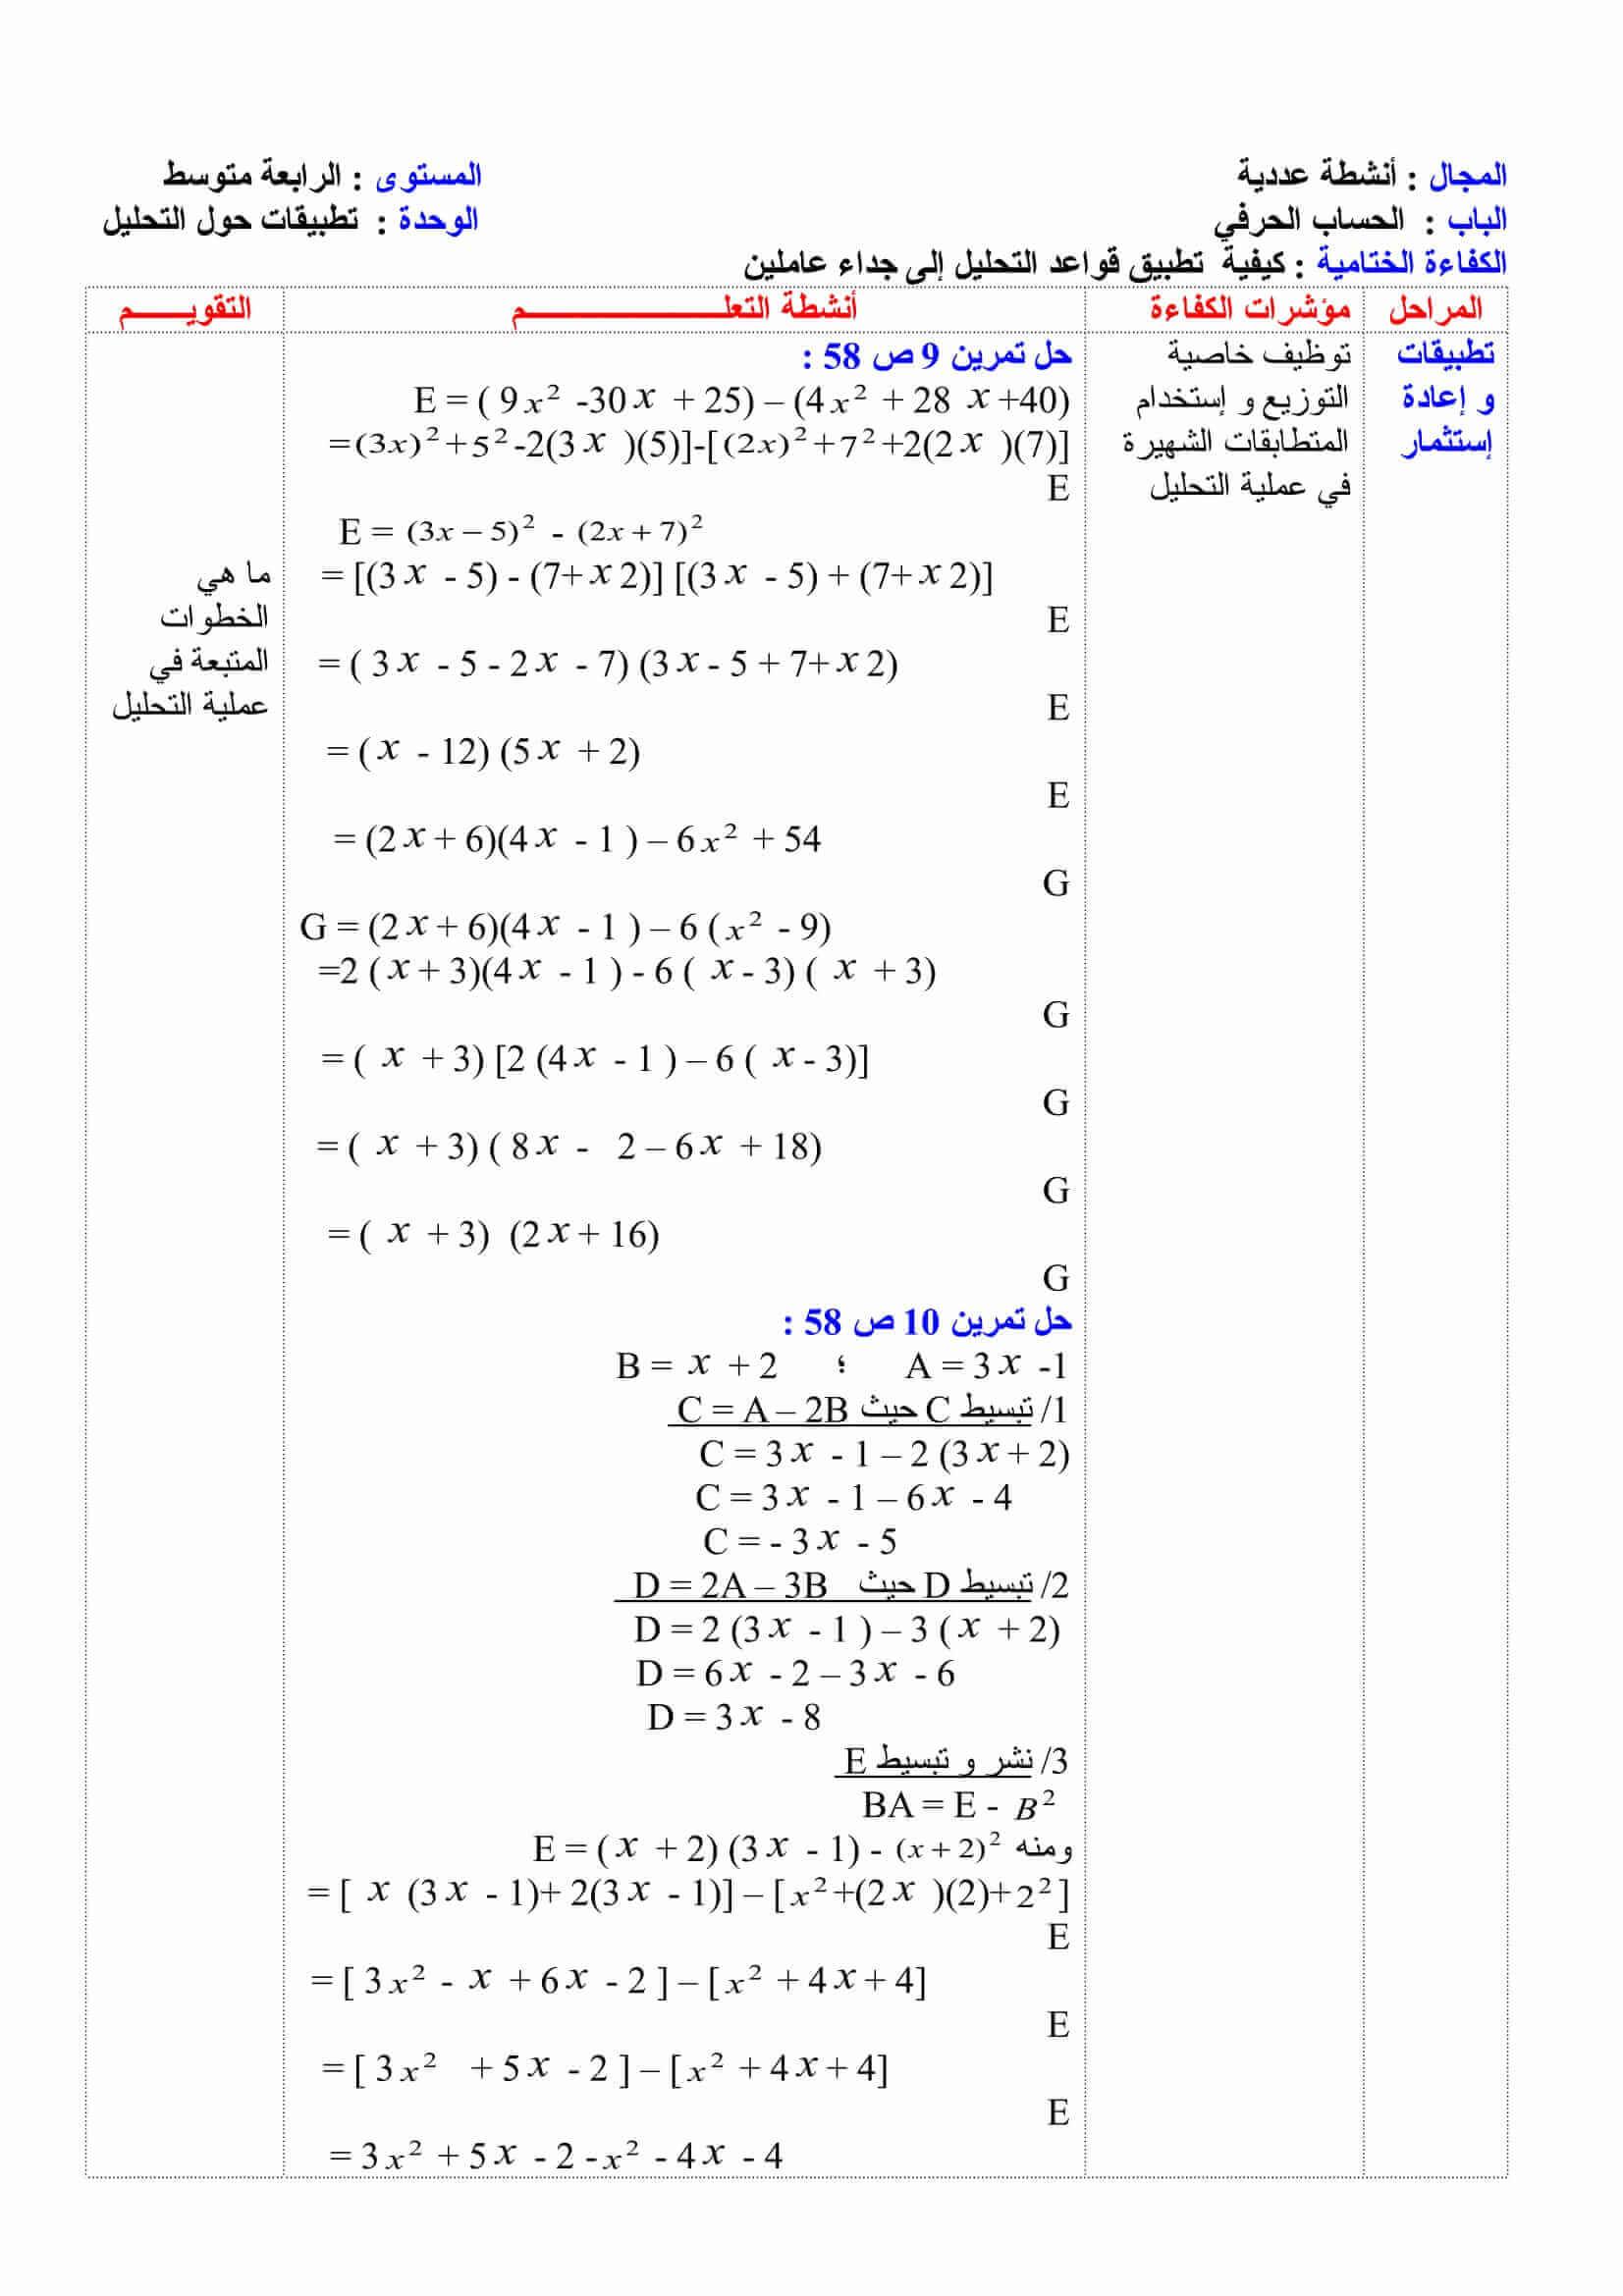 حل تمارين الرياضيات للسنة الرابعة متوسط ص 59,58 24-1